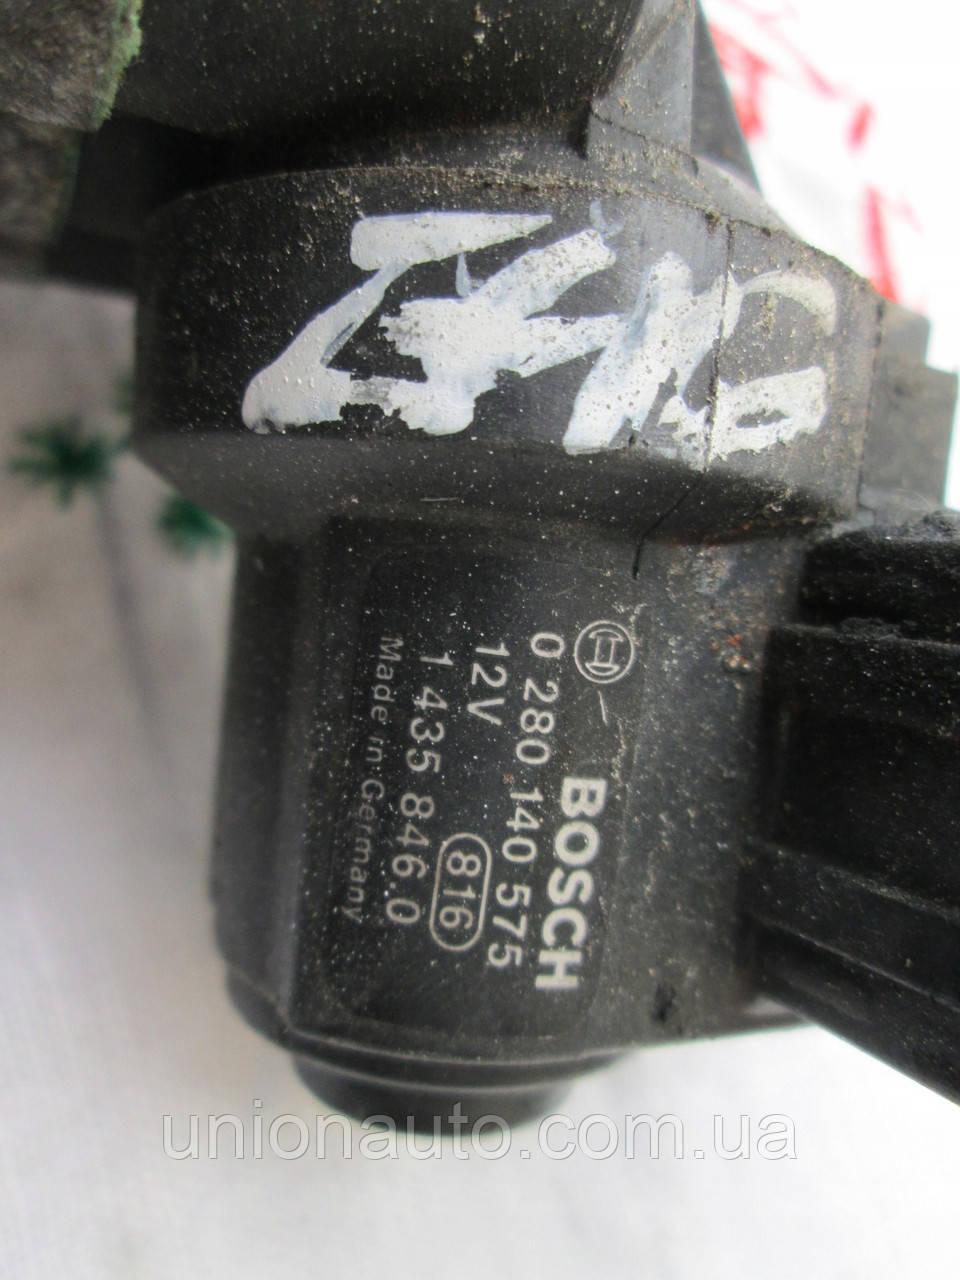 Дроссельная заслонка BMW E-46 1.9 бензин